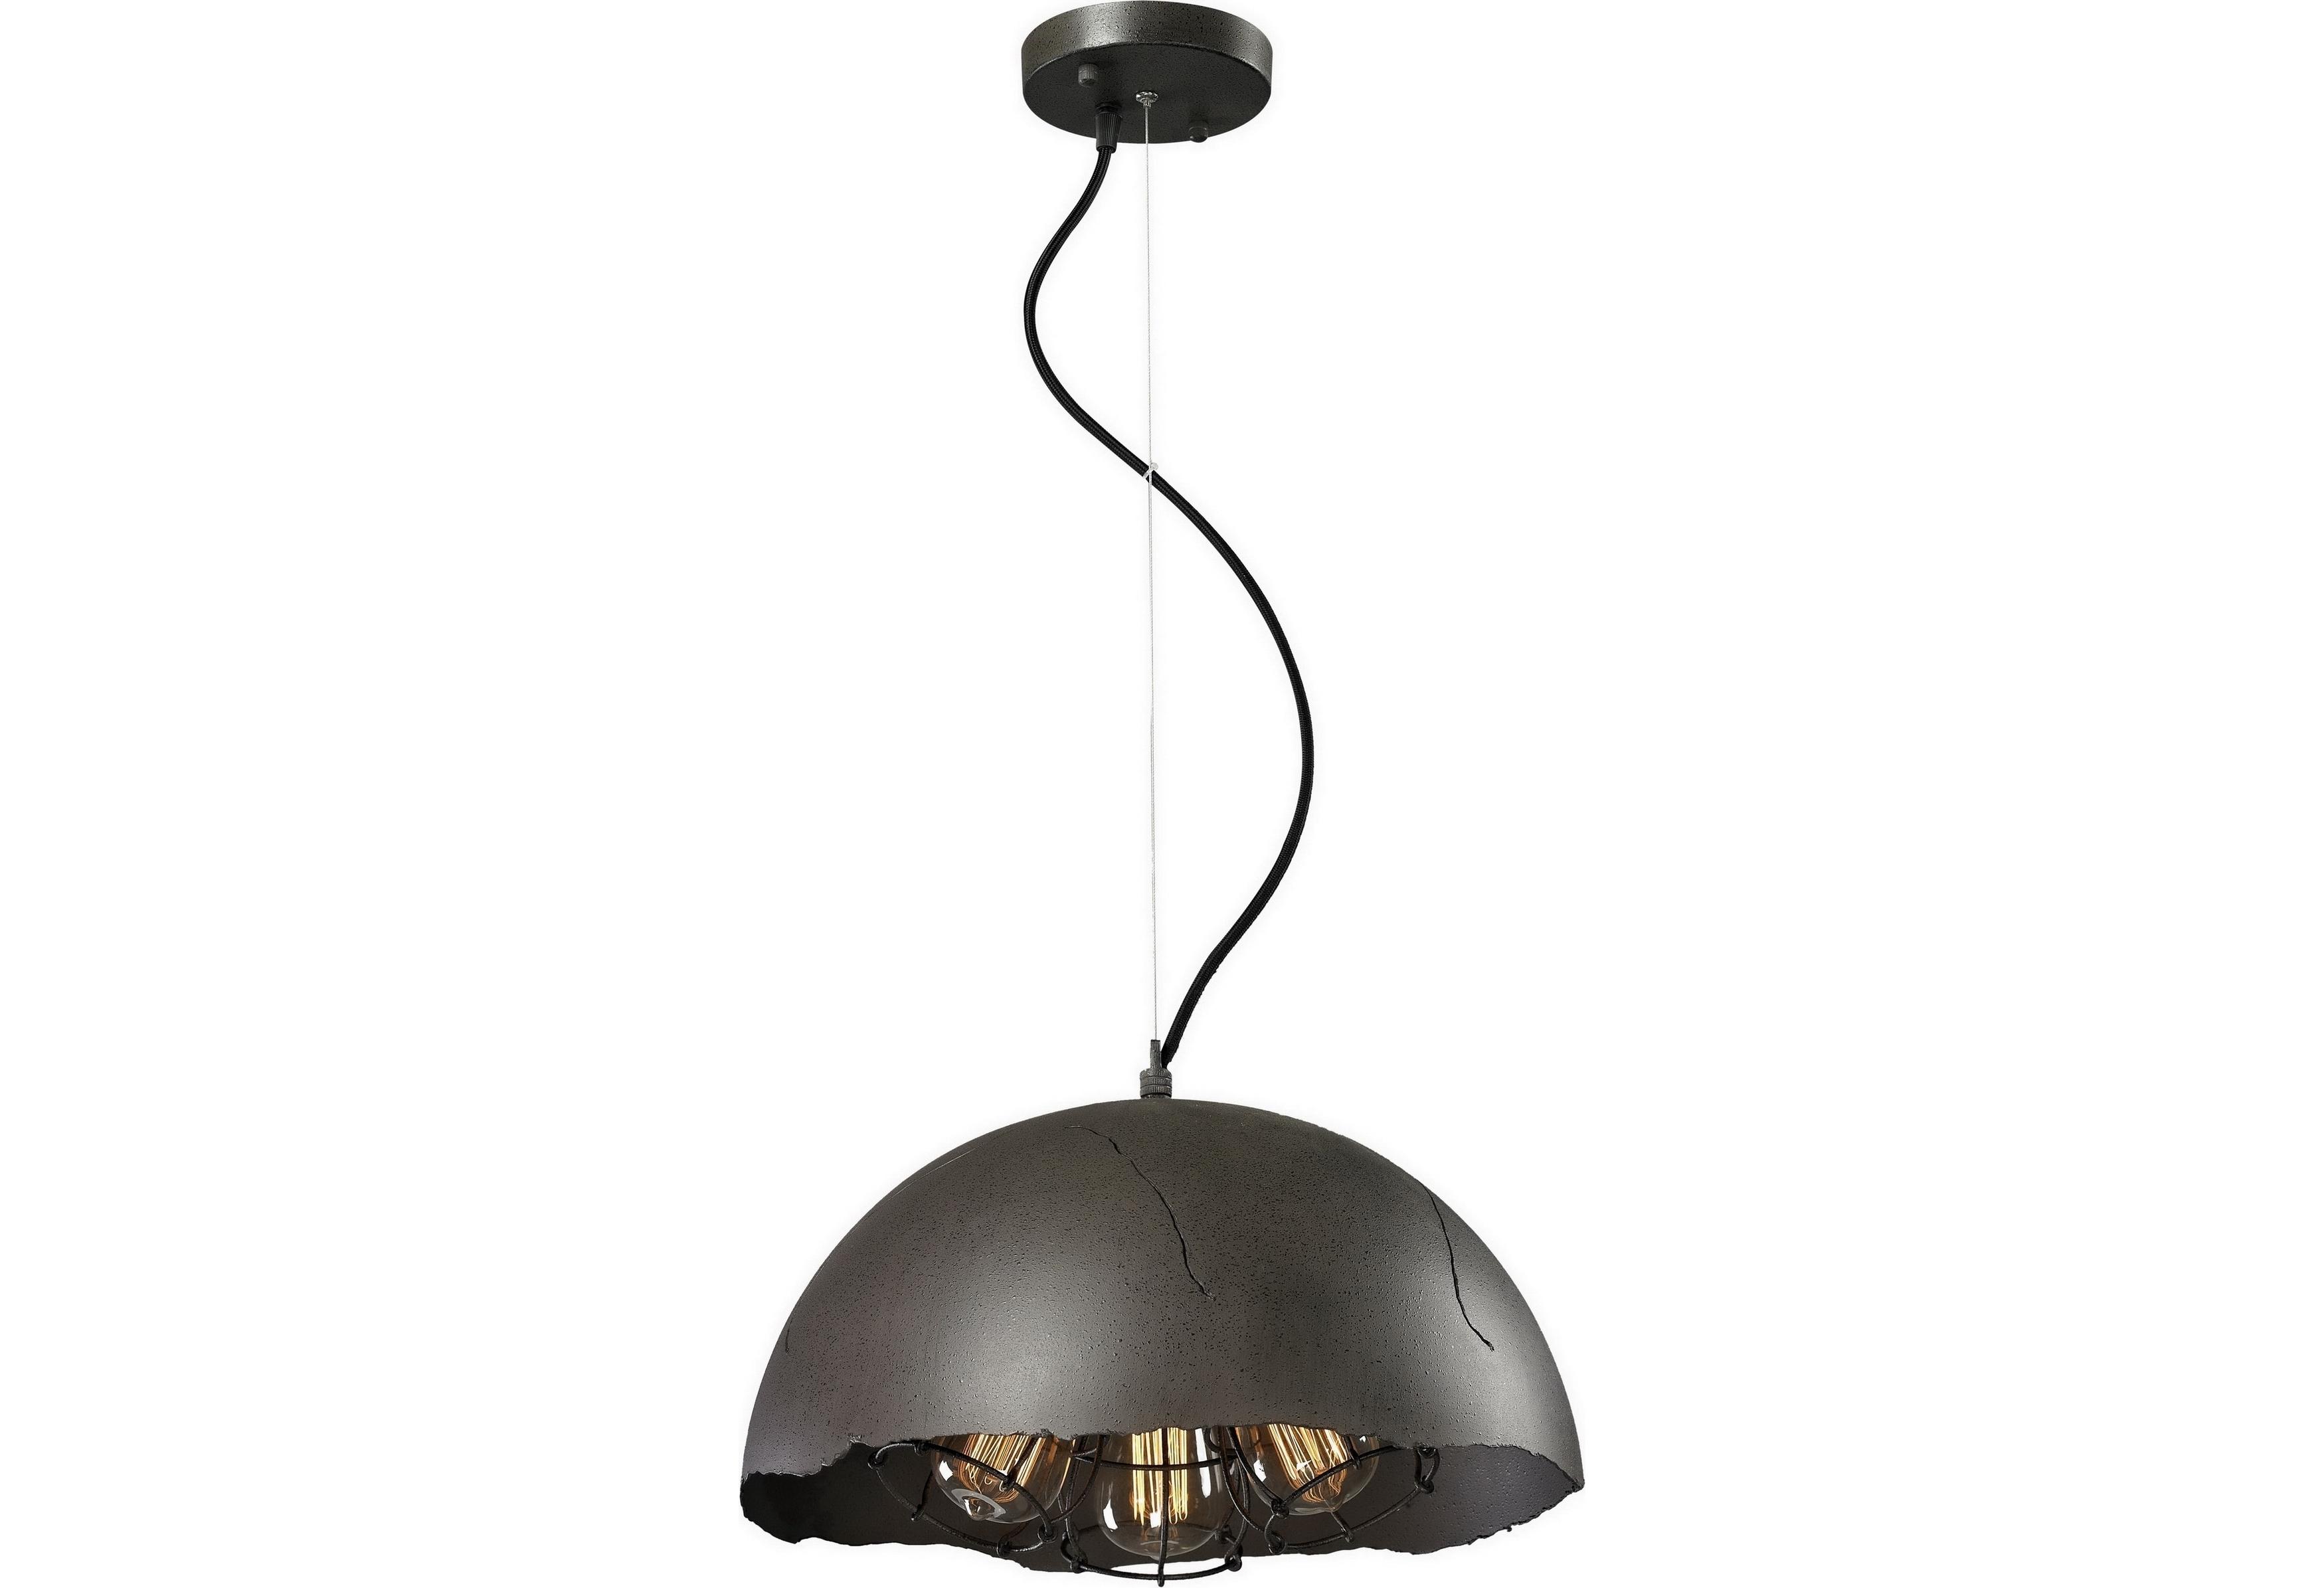 Подвесной светильникПодвесные светильники<br>Материал: металл<br>Лампочки в комплекте: 3*60W<br>Цоколь: E27<br>Цвет: черный<br><br>Material: Металл<br>Height см: 120<br>Diameter см: 40